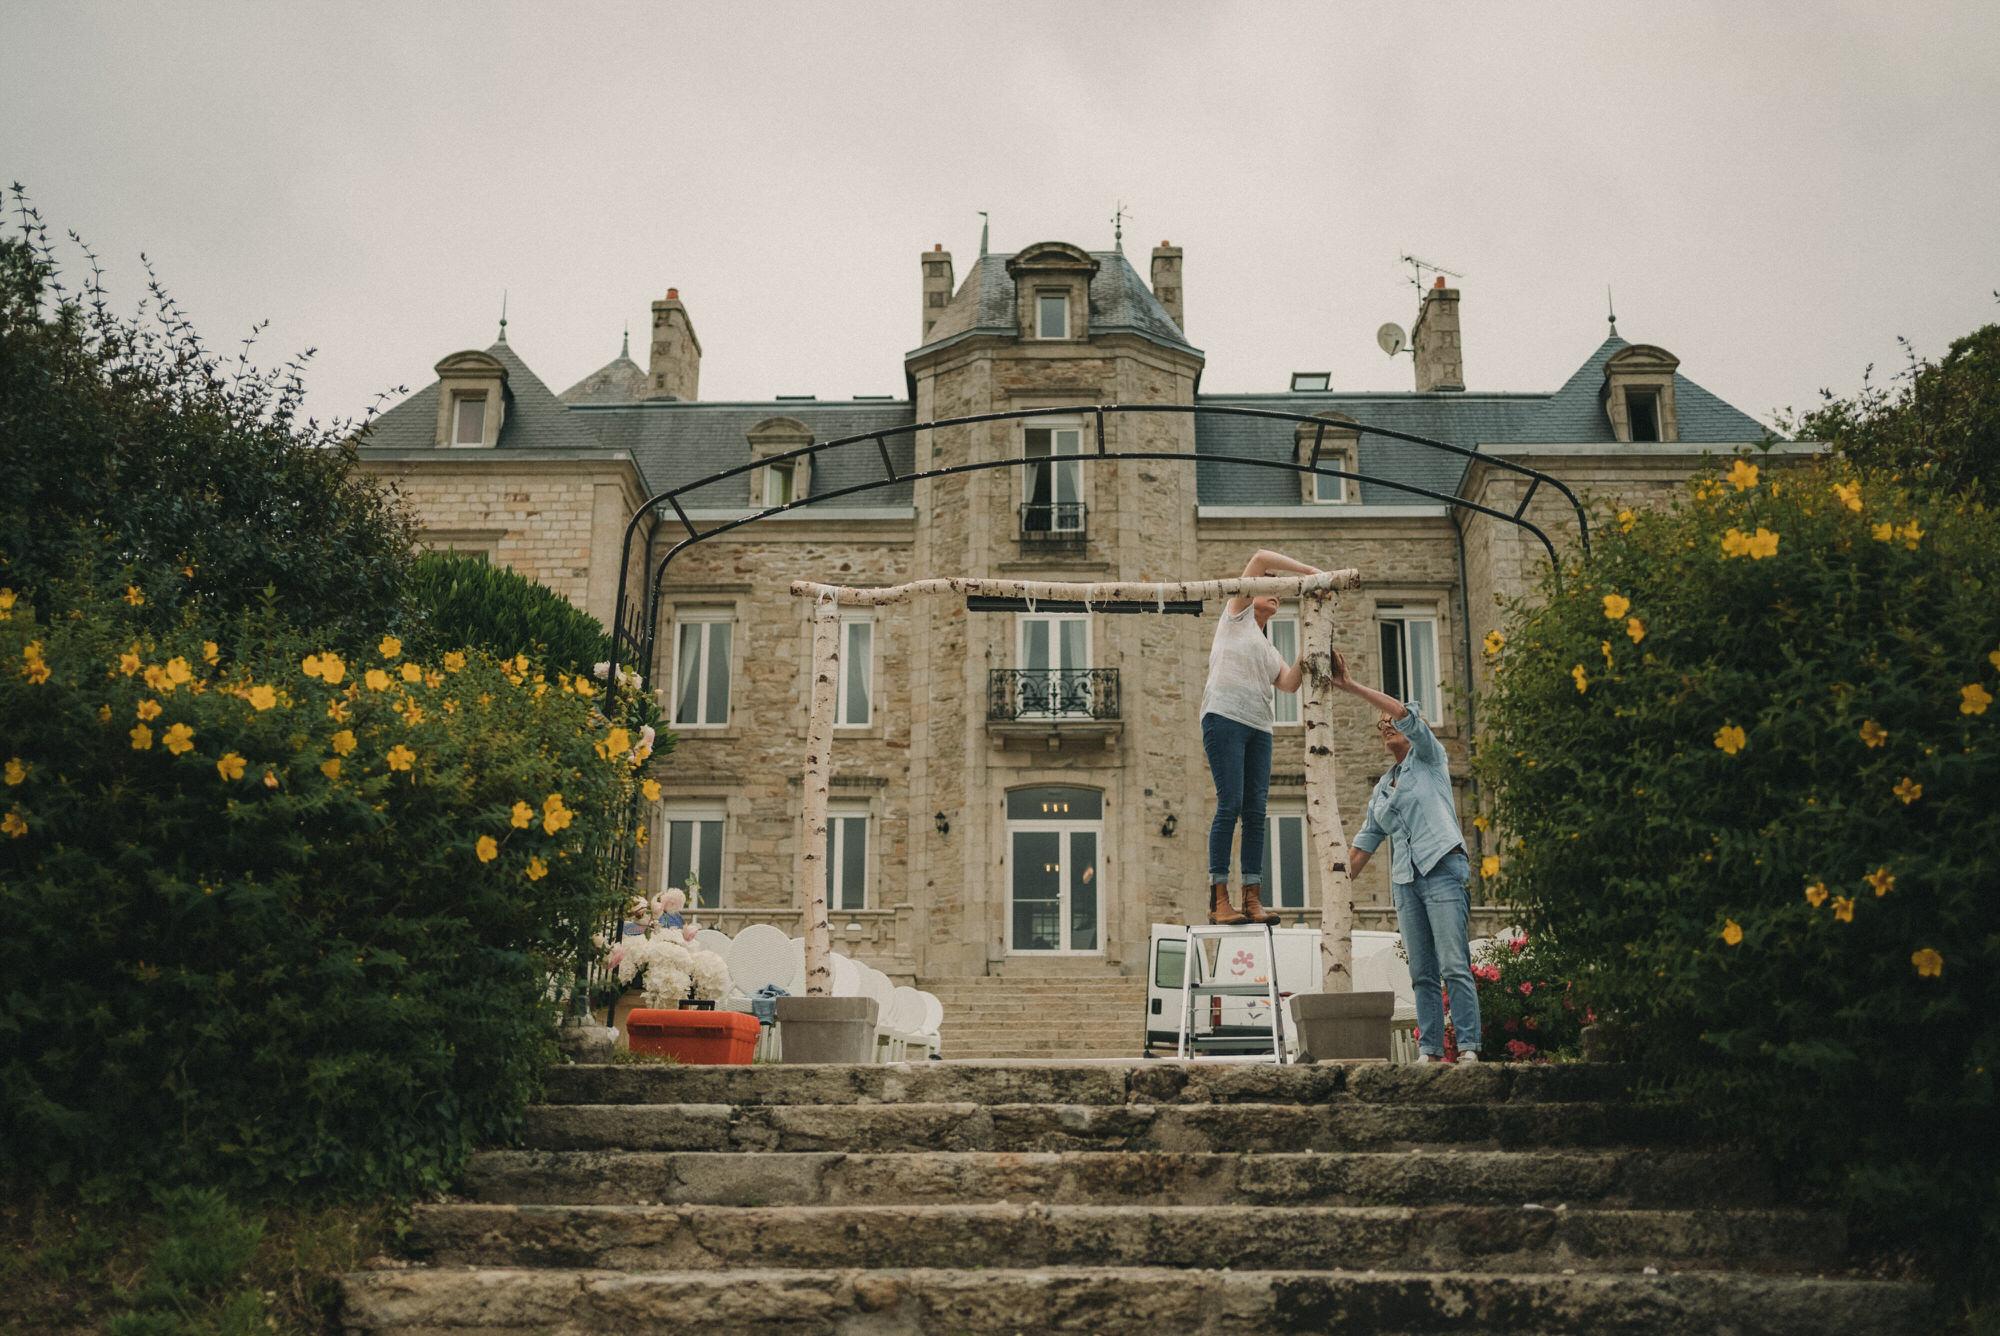 Photo De Mariage Au Manoir De Kerhuel A Plouneour Lanvern De Perle Danilson Par Antoine Borzeix 12, Photographe & Videaste à Brest / Finistère